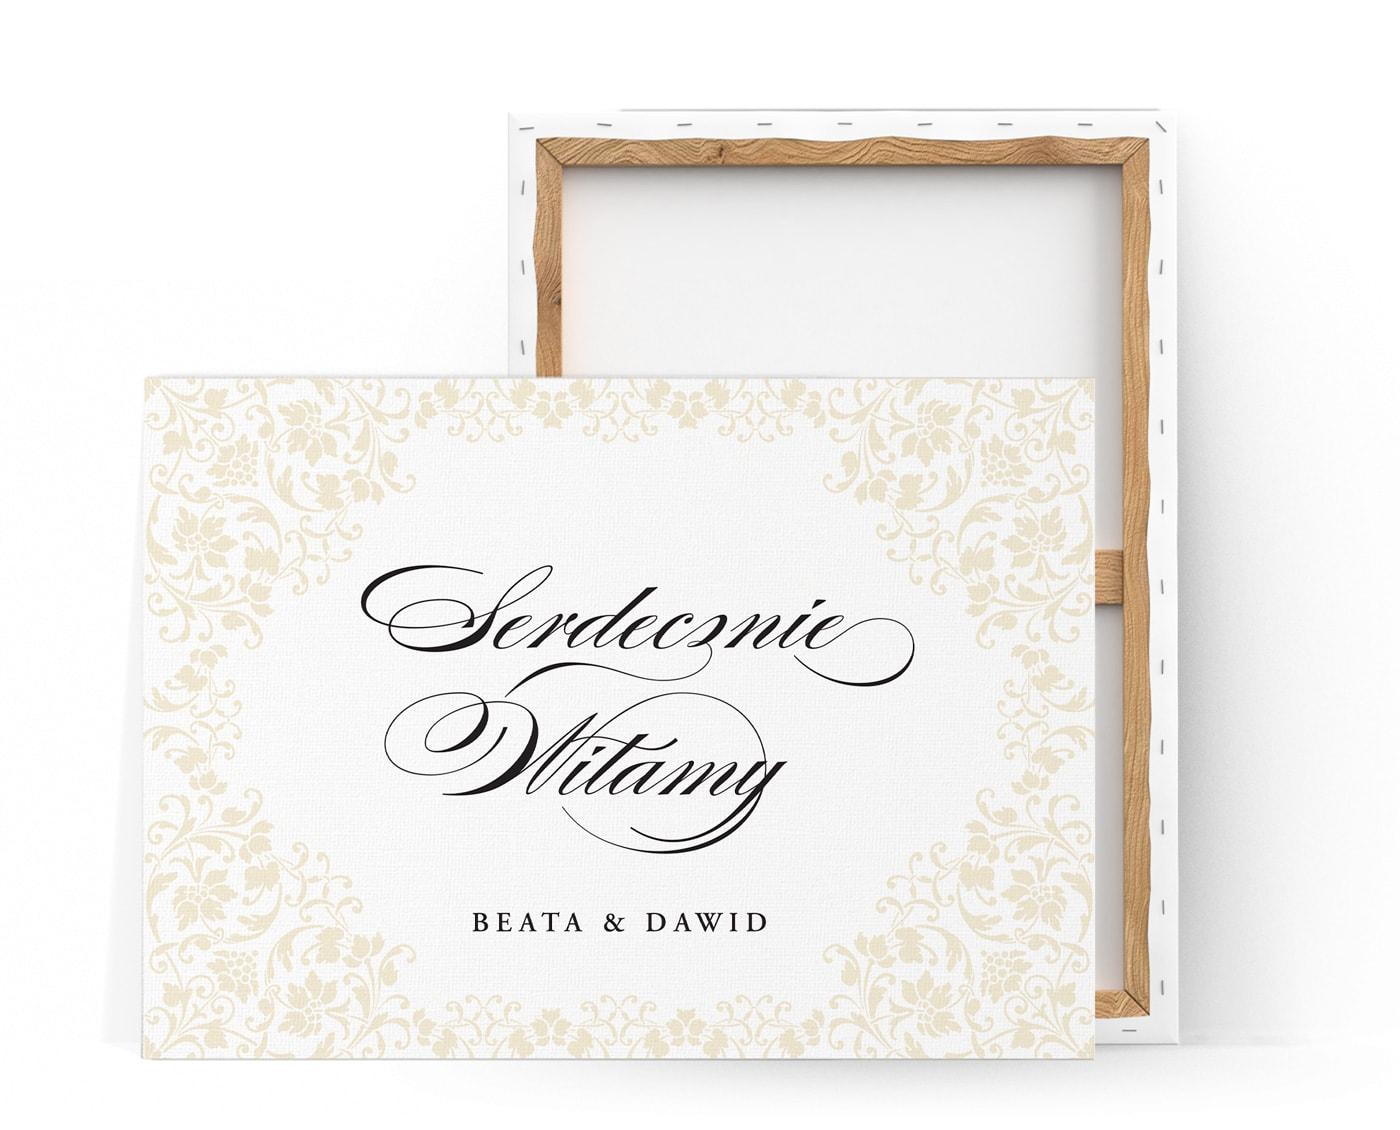 Tablica powitalna z kaligrafowanym napisem serdecznie witamy w otoczeniu ornamentów